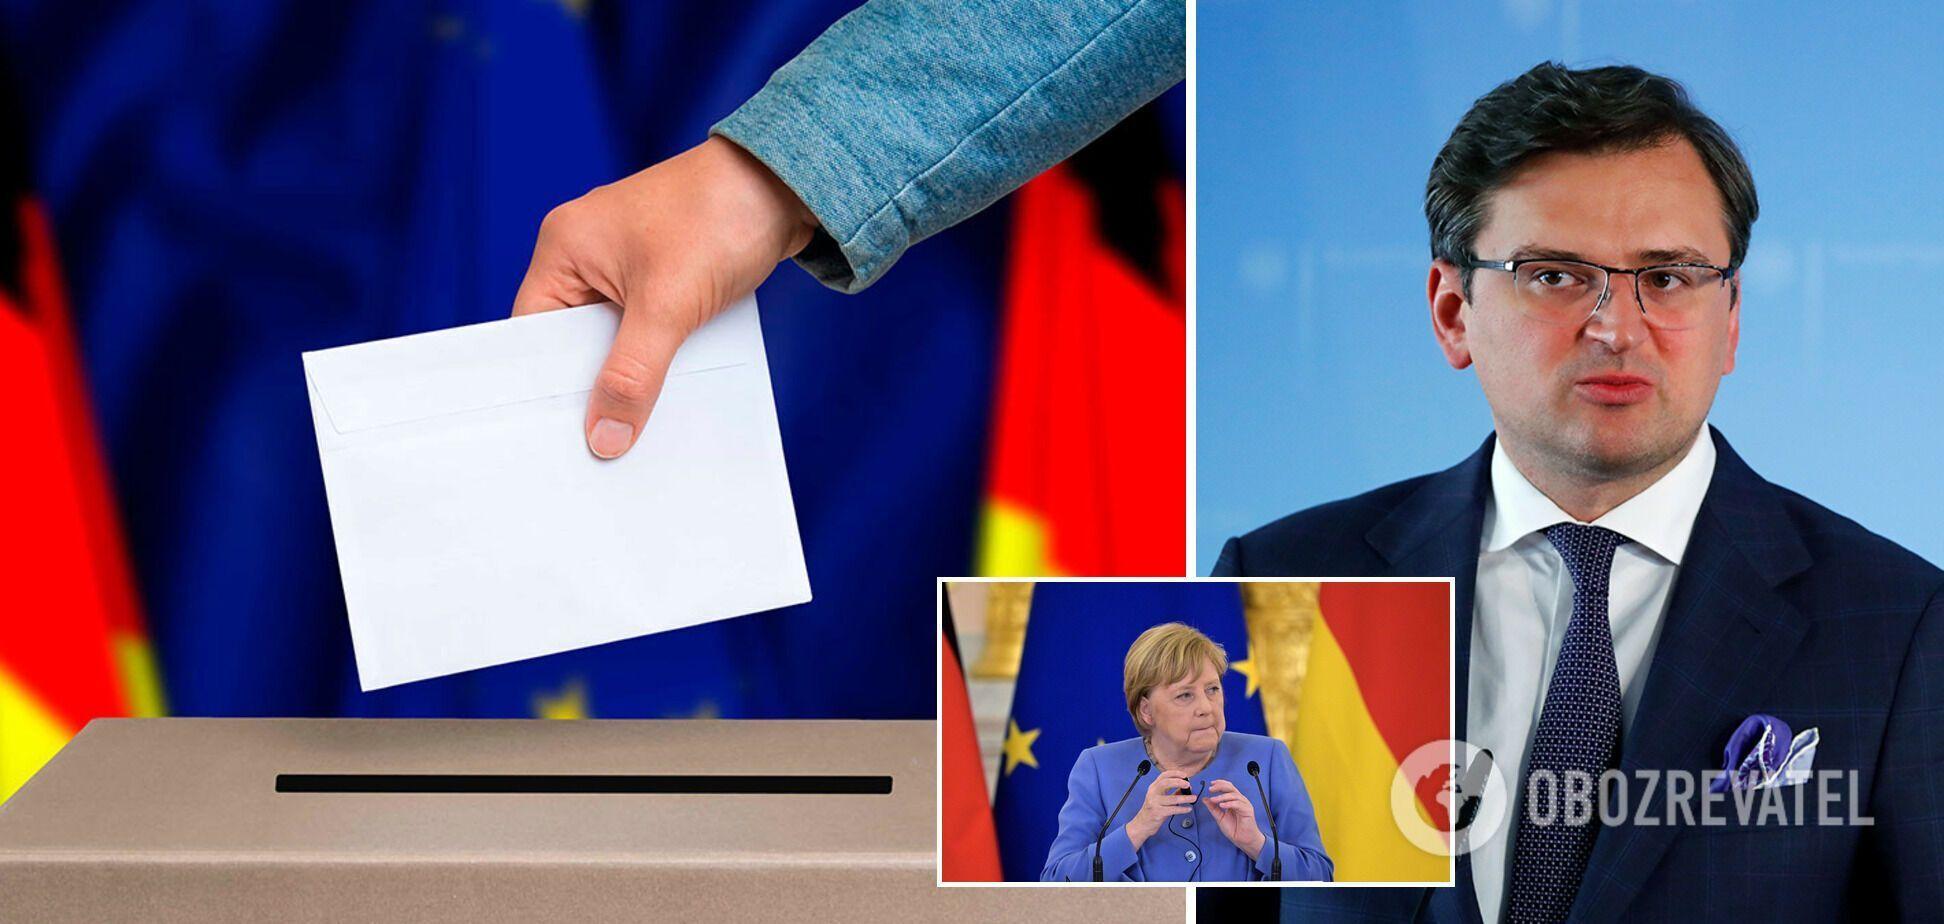 Дмитро Кулеба прокоментував результати виборів у Німеччині.